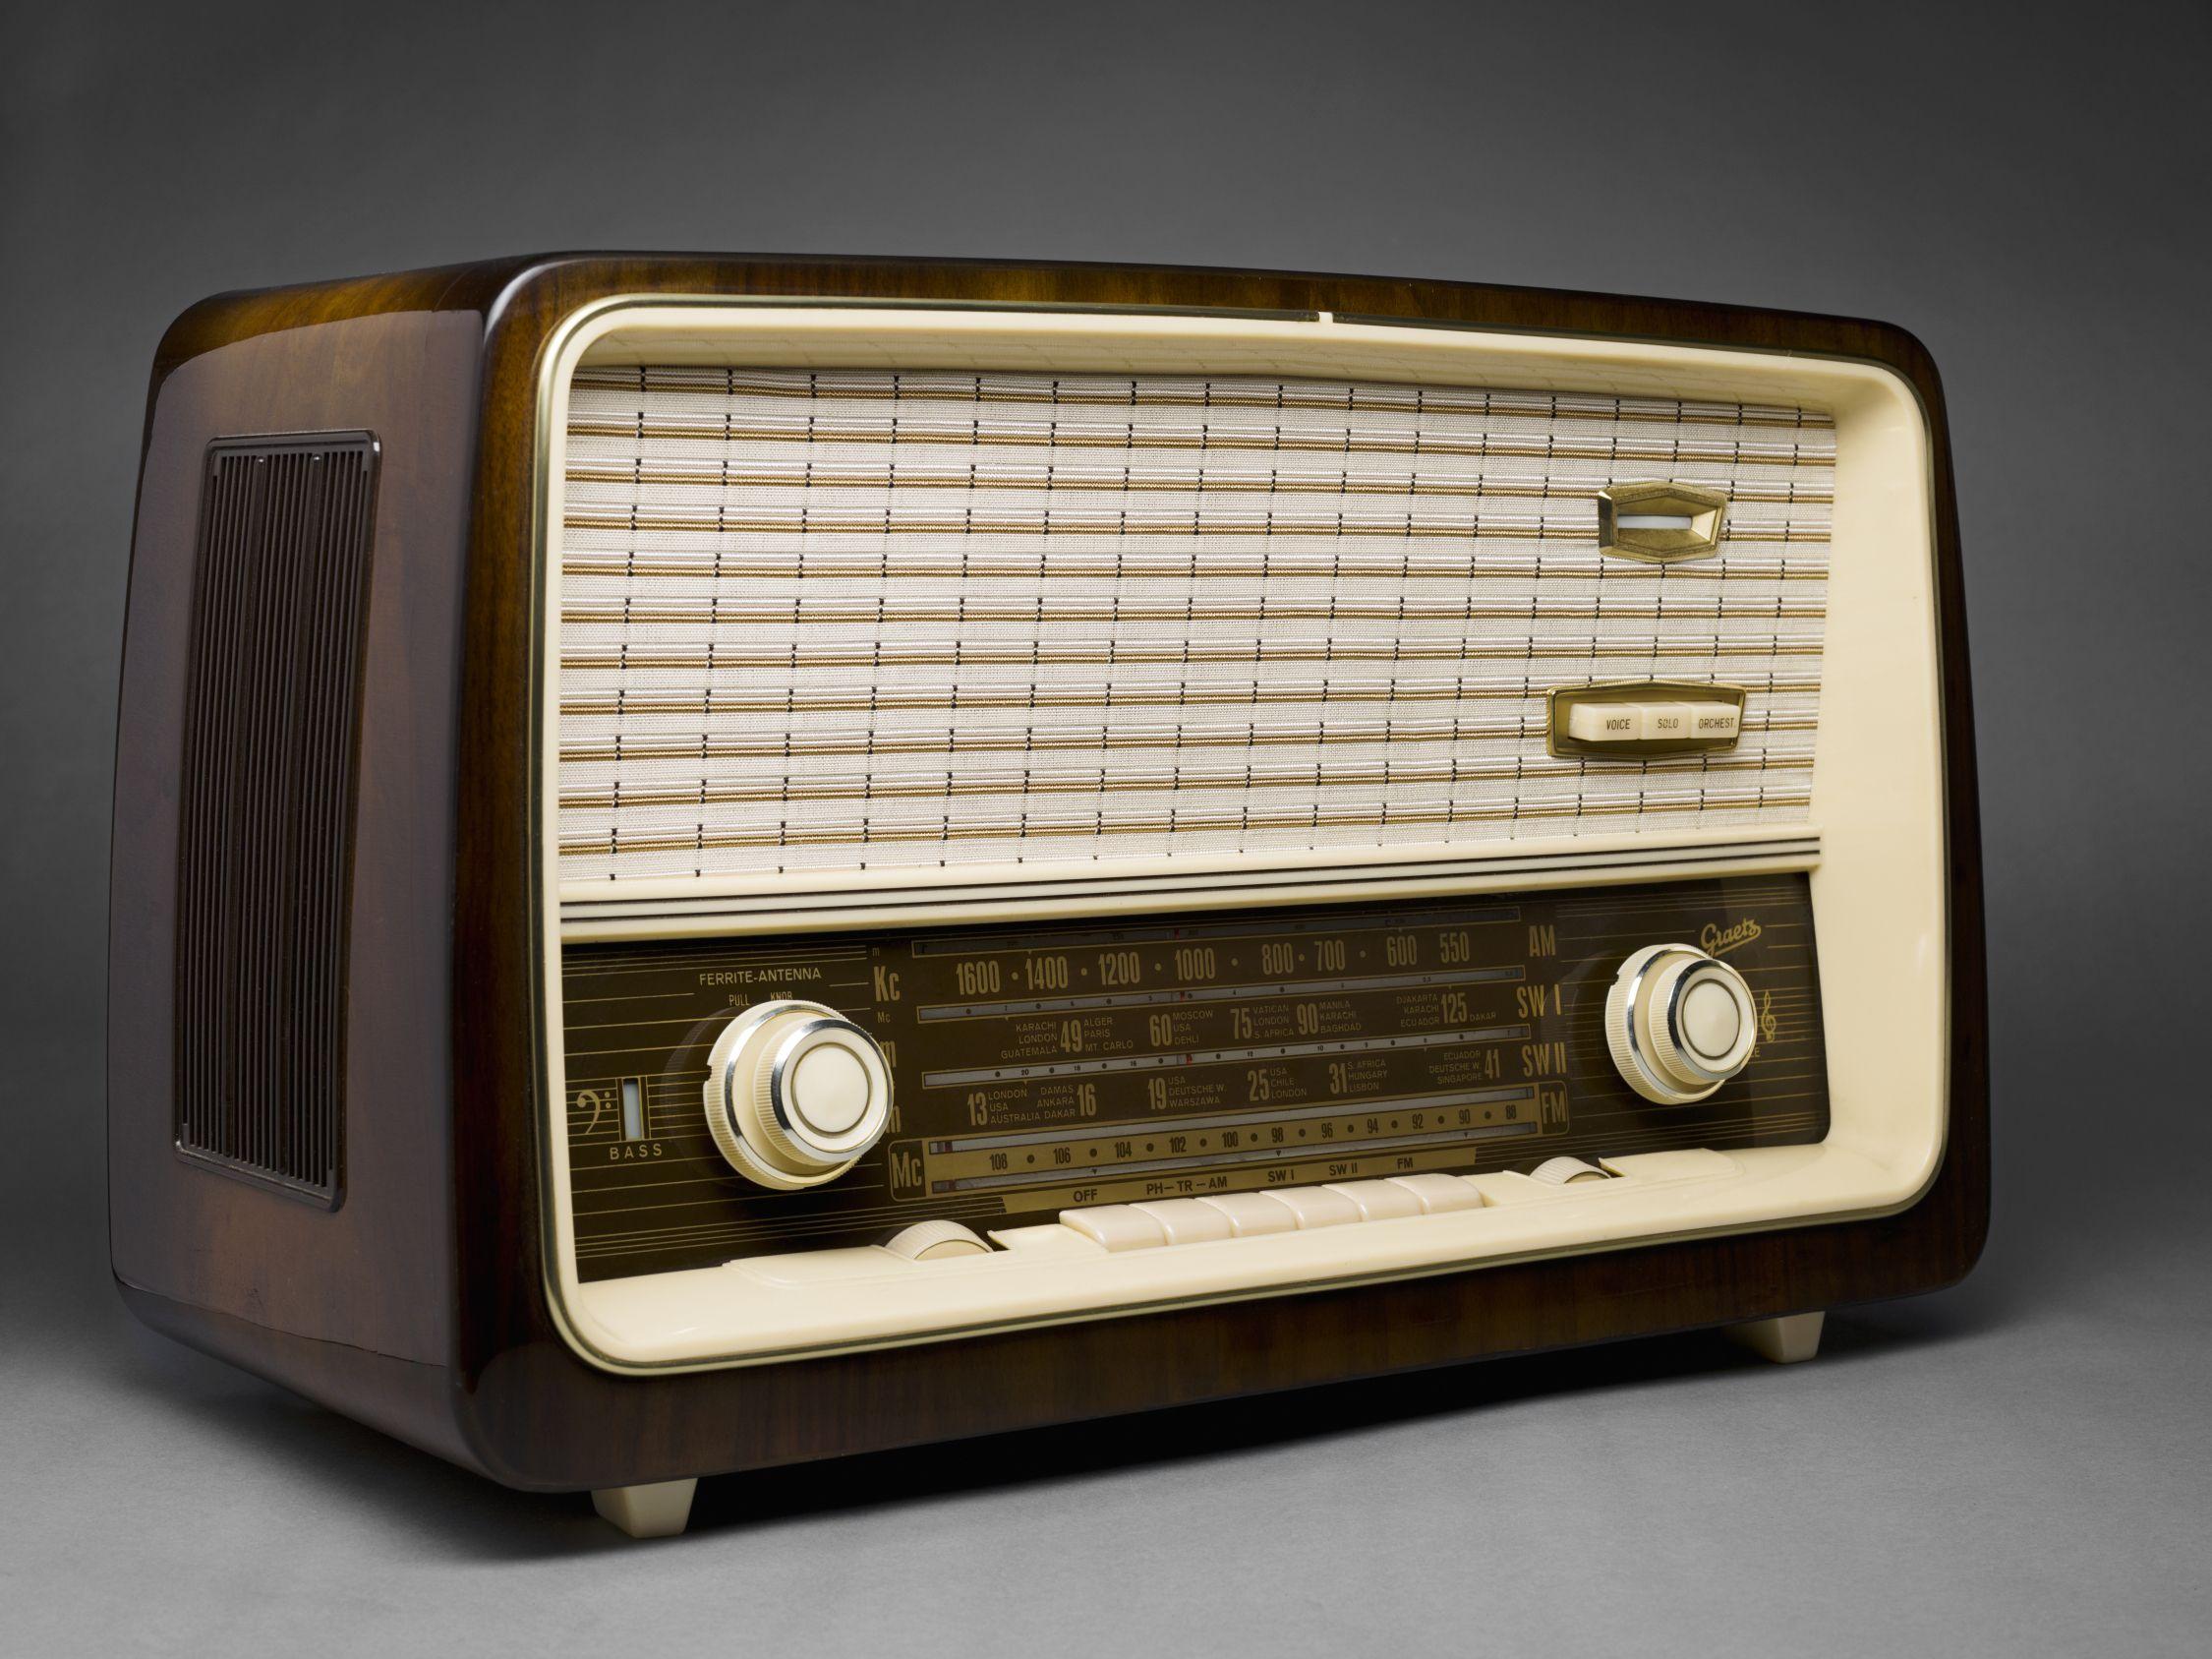 Retro Radio Design Radio Design Retro Radios Vintage Radio